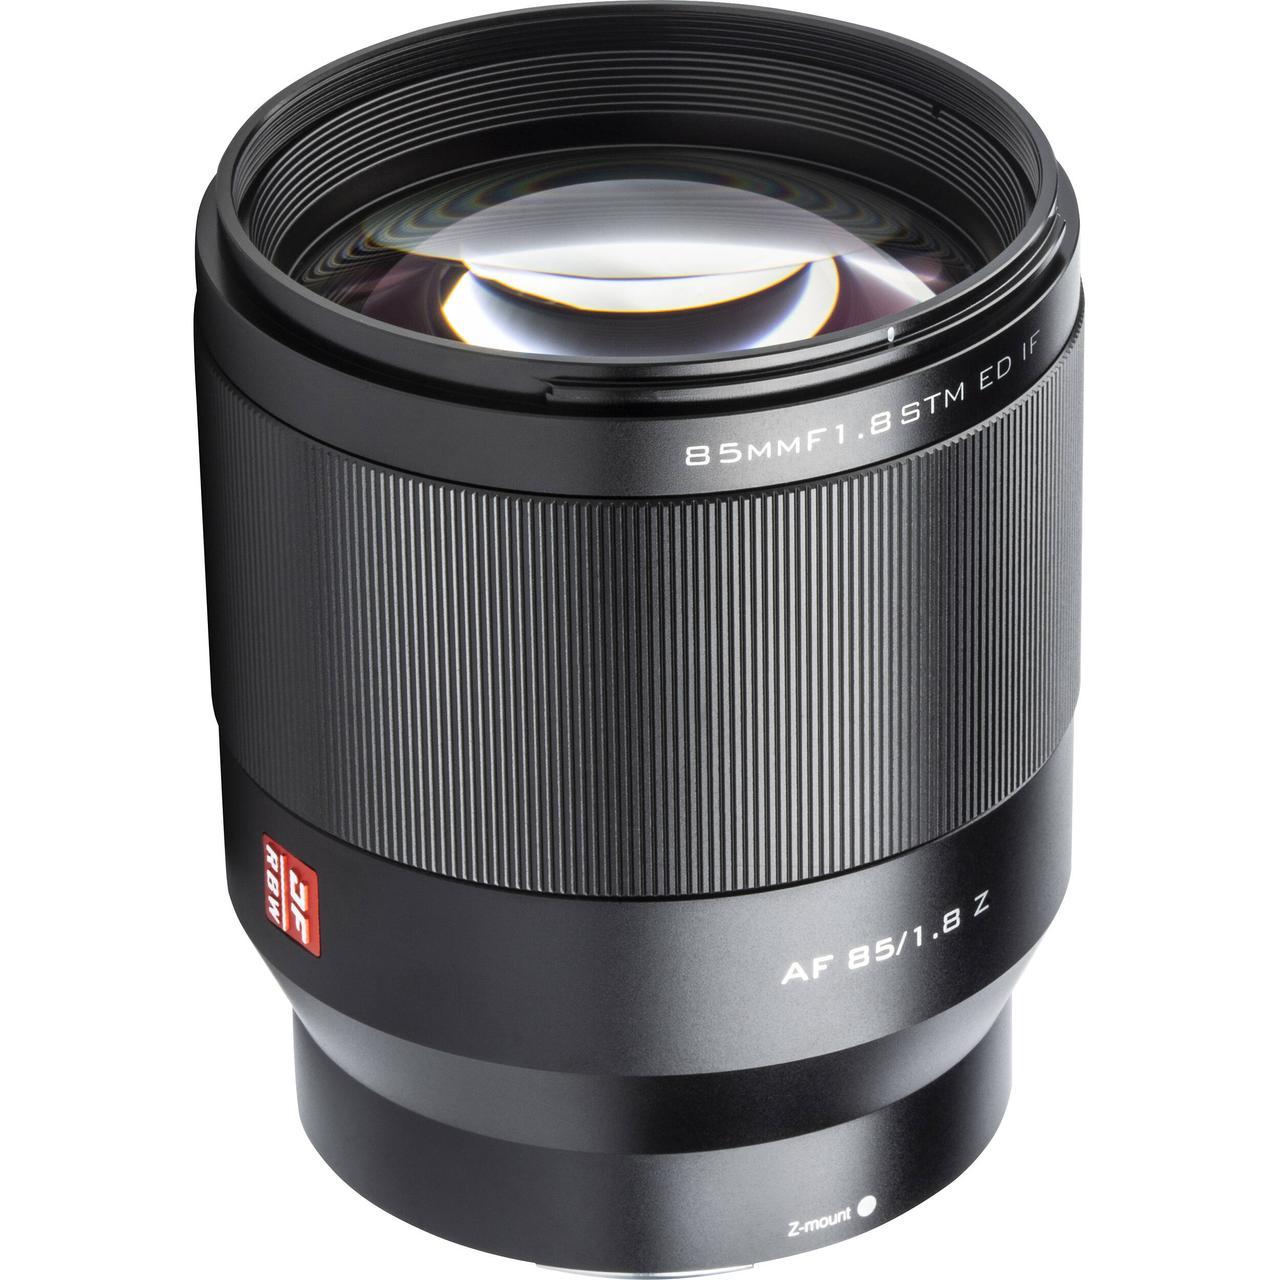 Об'єктив VILTROX AF 85/1.8 Z (AF 85mm F1.8 Z) (автофокусный Nikon Z)